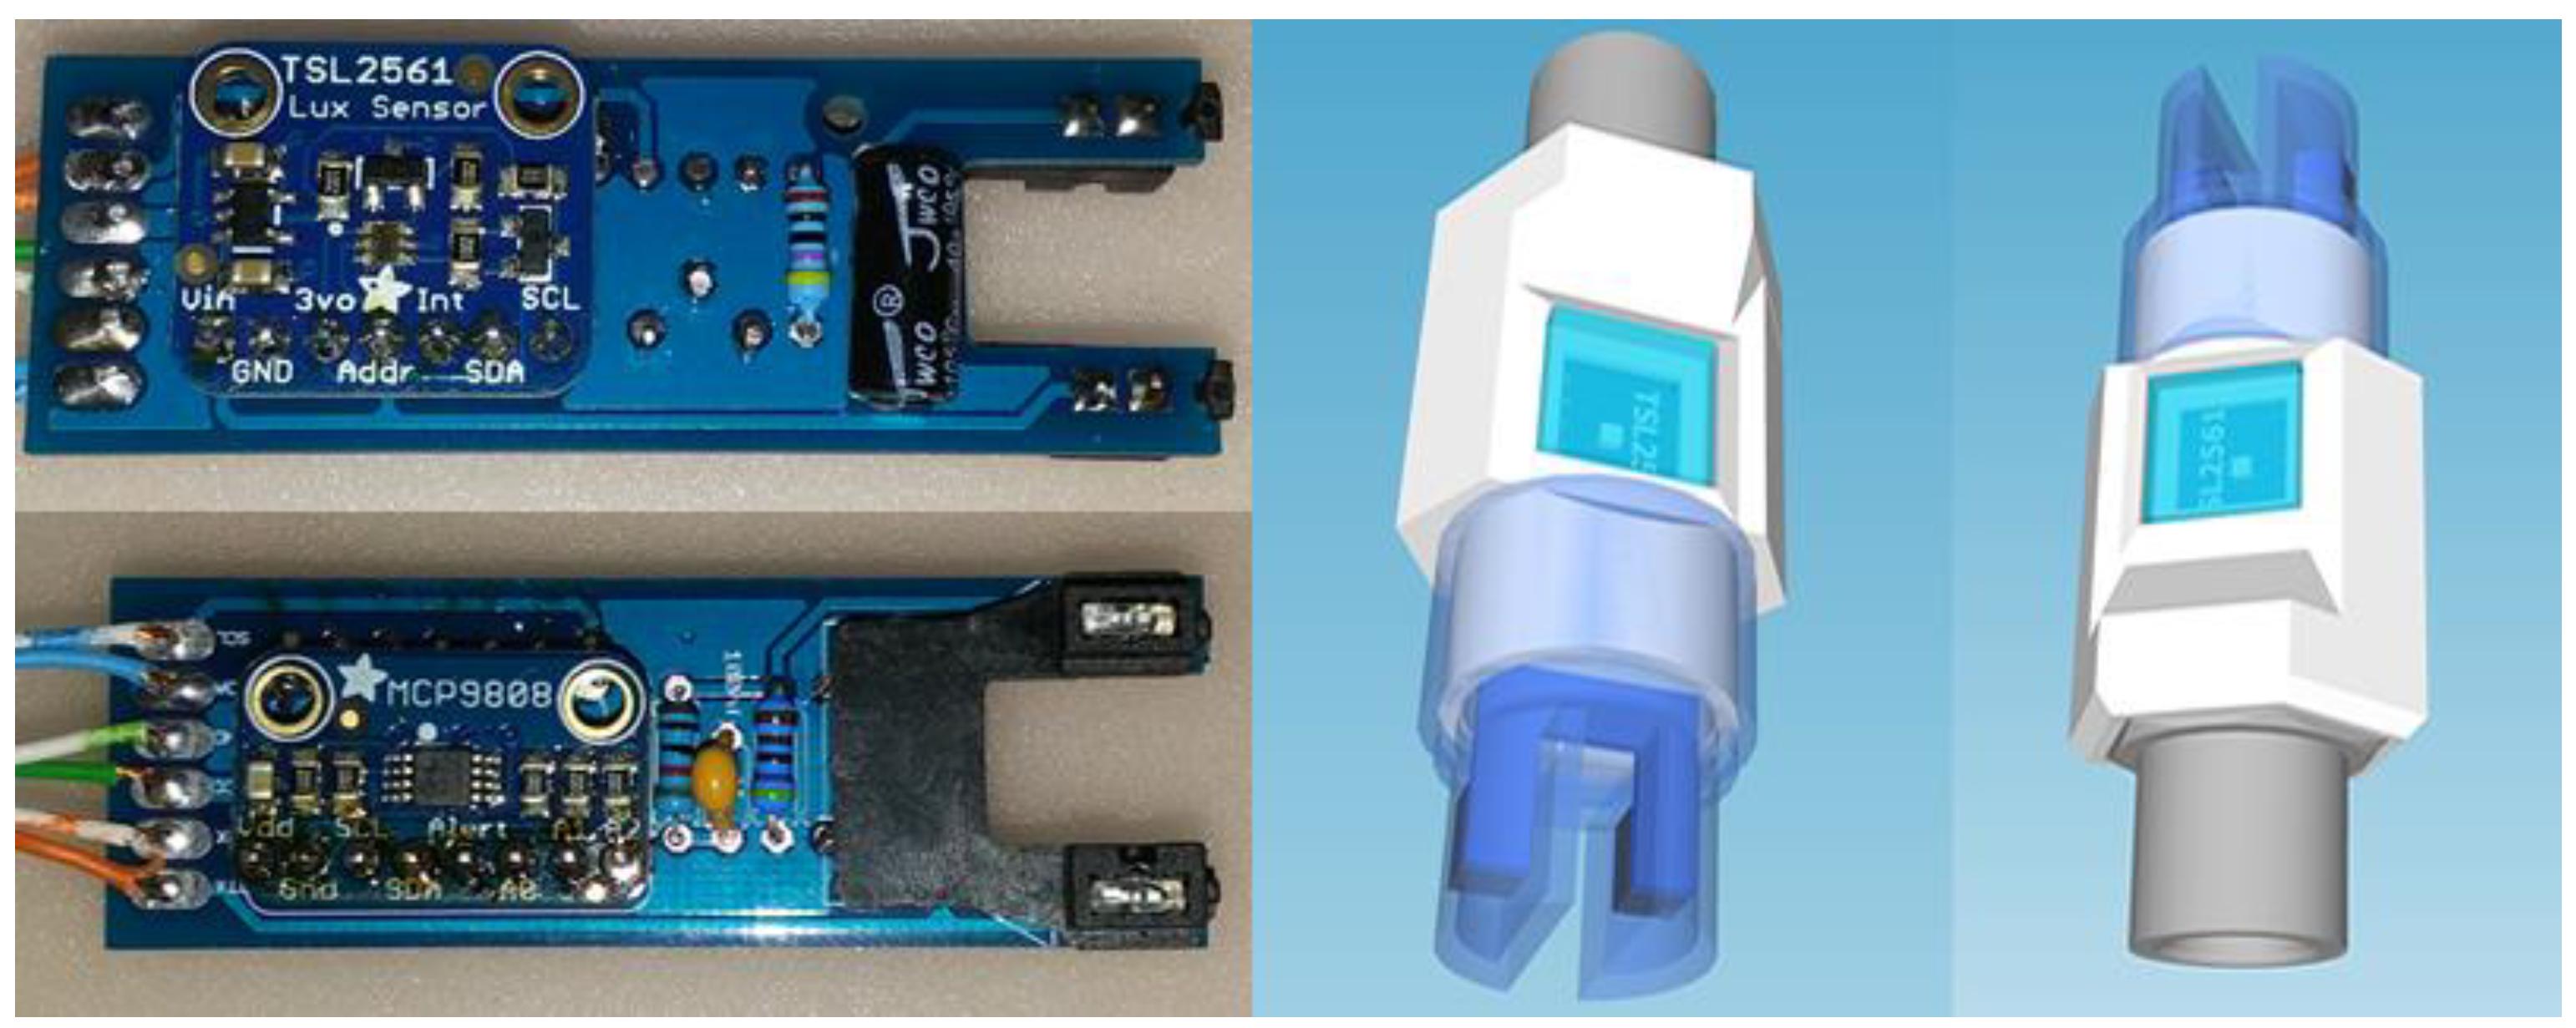 Sensors | Free Full-Text | Smart Environmental Monitoring and ...